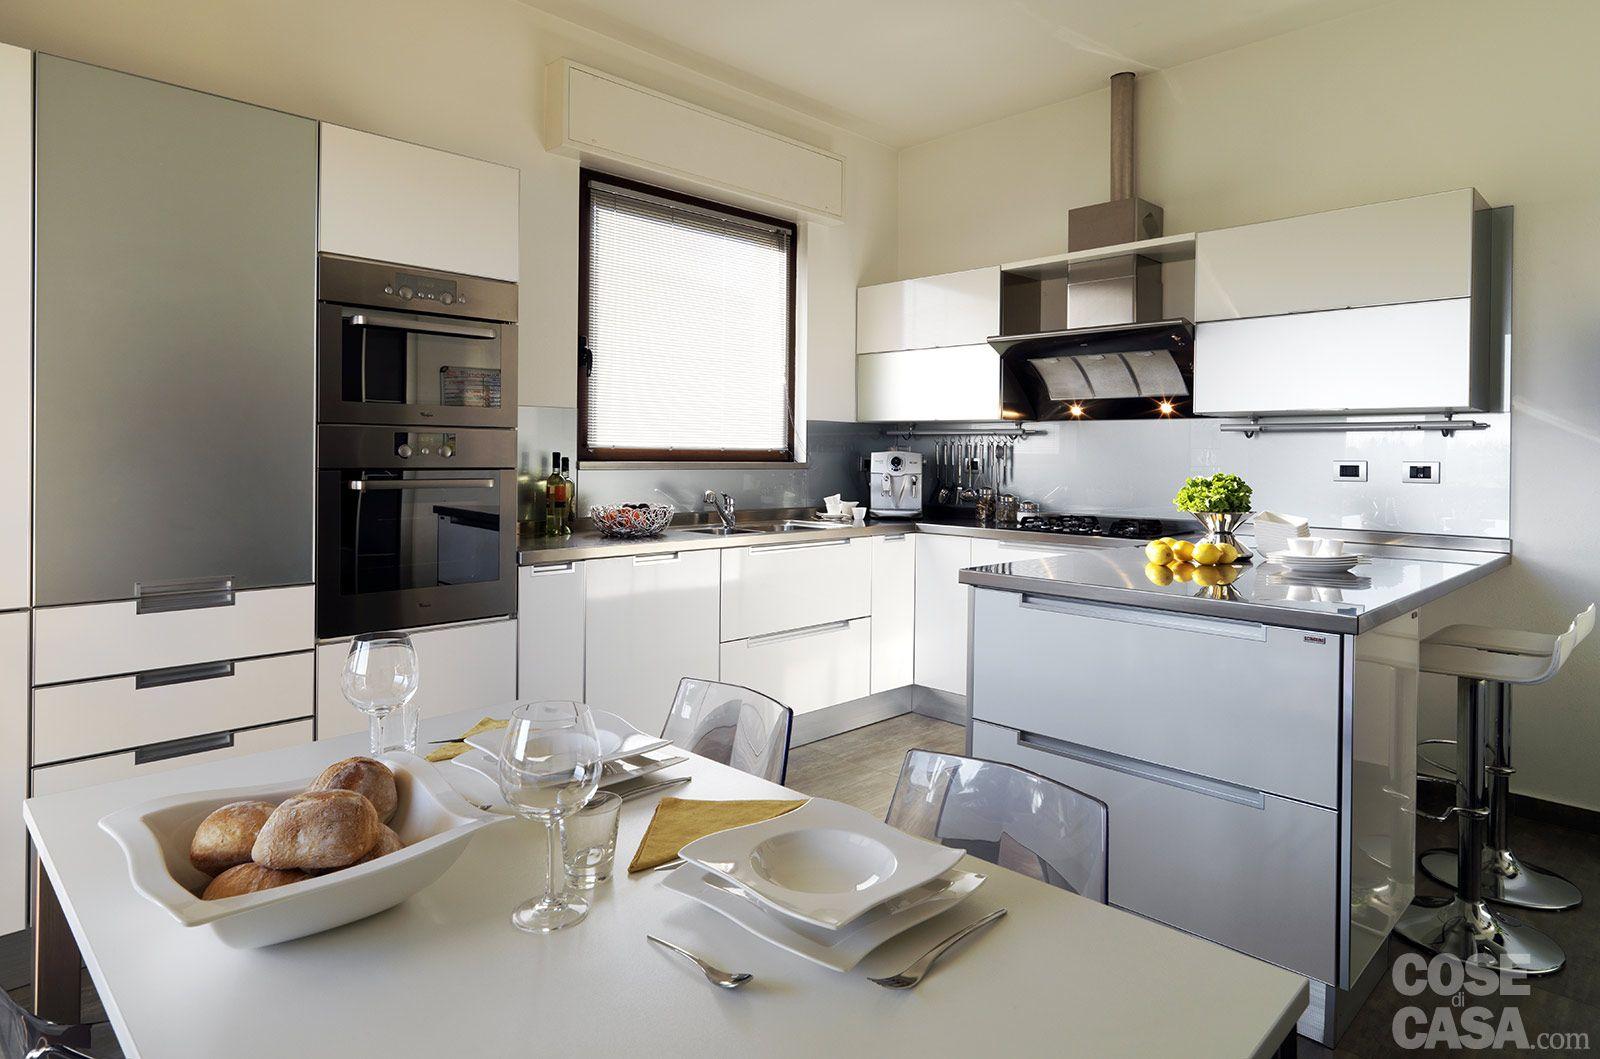 risultati immagini per architetto arreda cucina